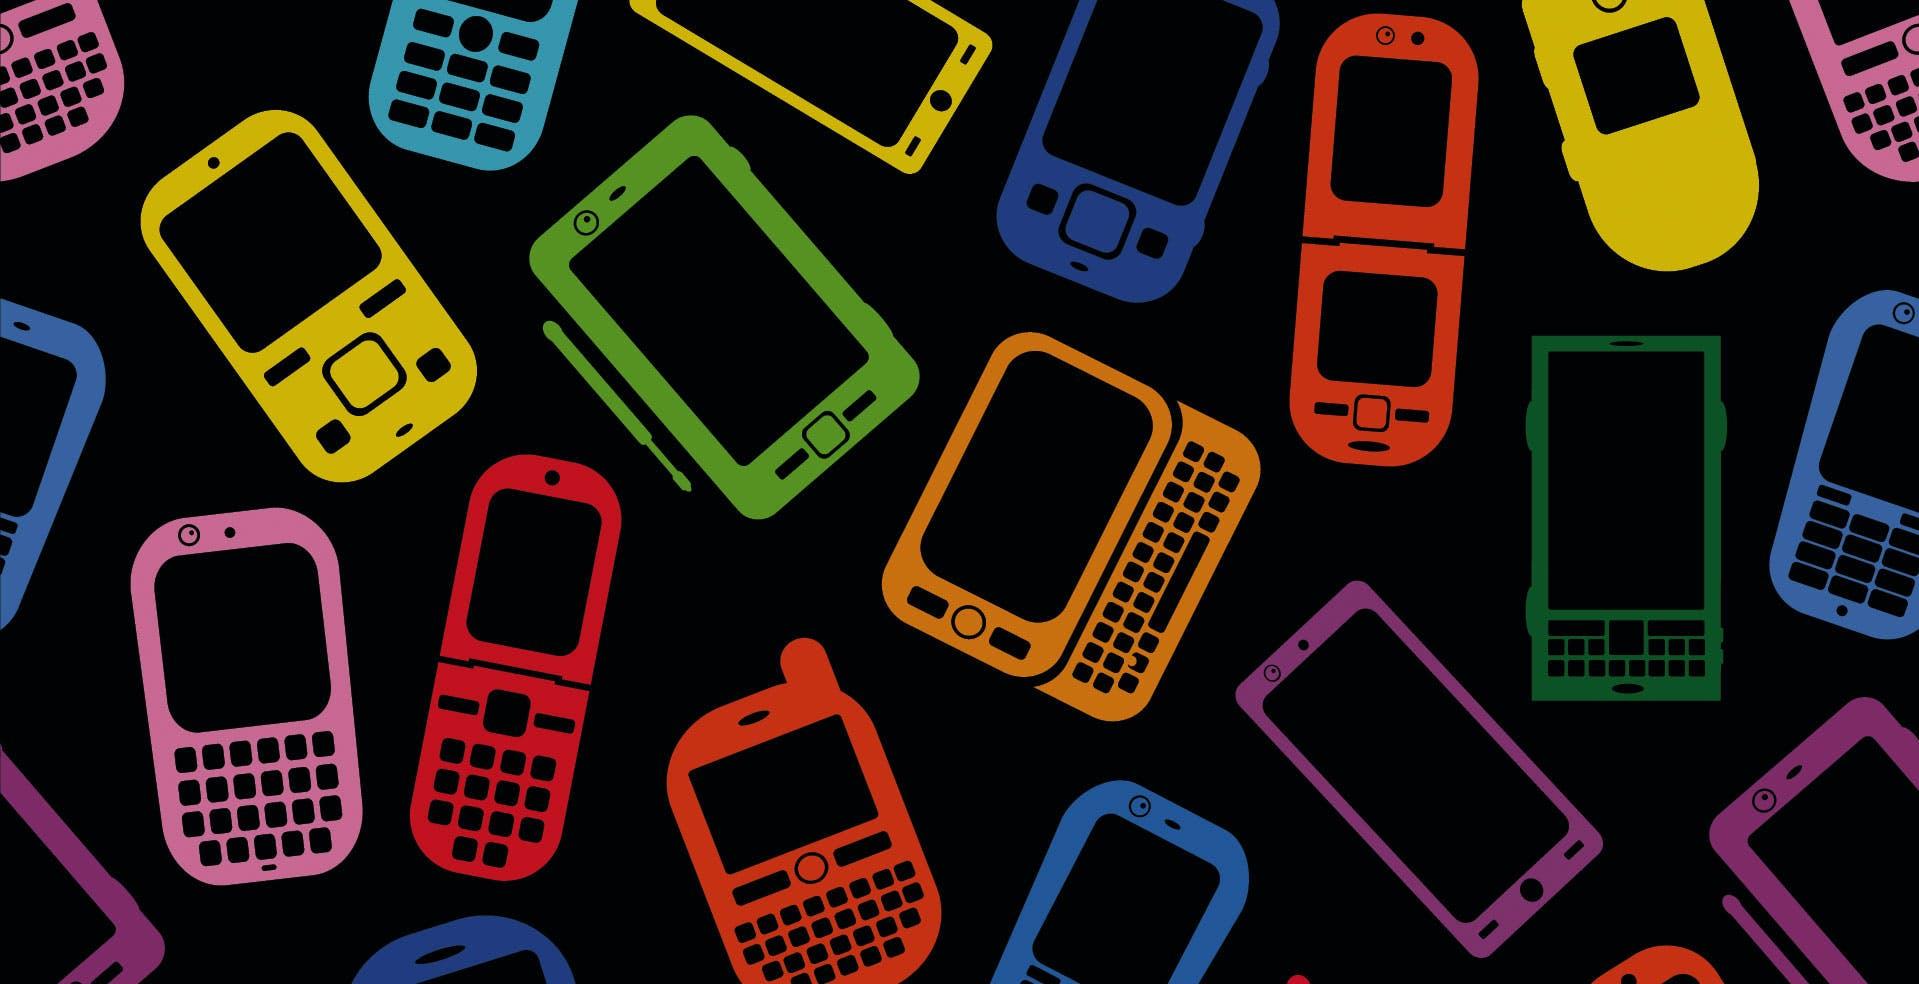 Smartphone e quote di mercato, Huawei è praticamente sparita e si spartisce le briciole